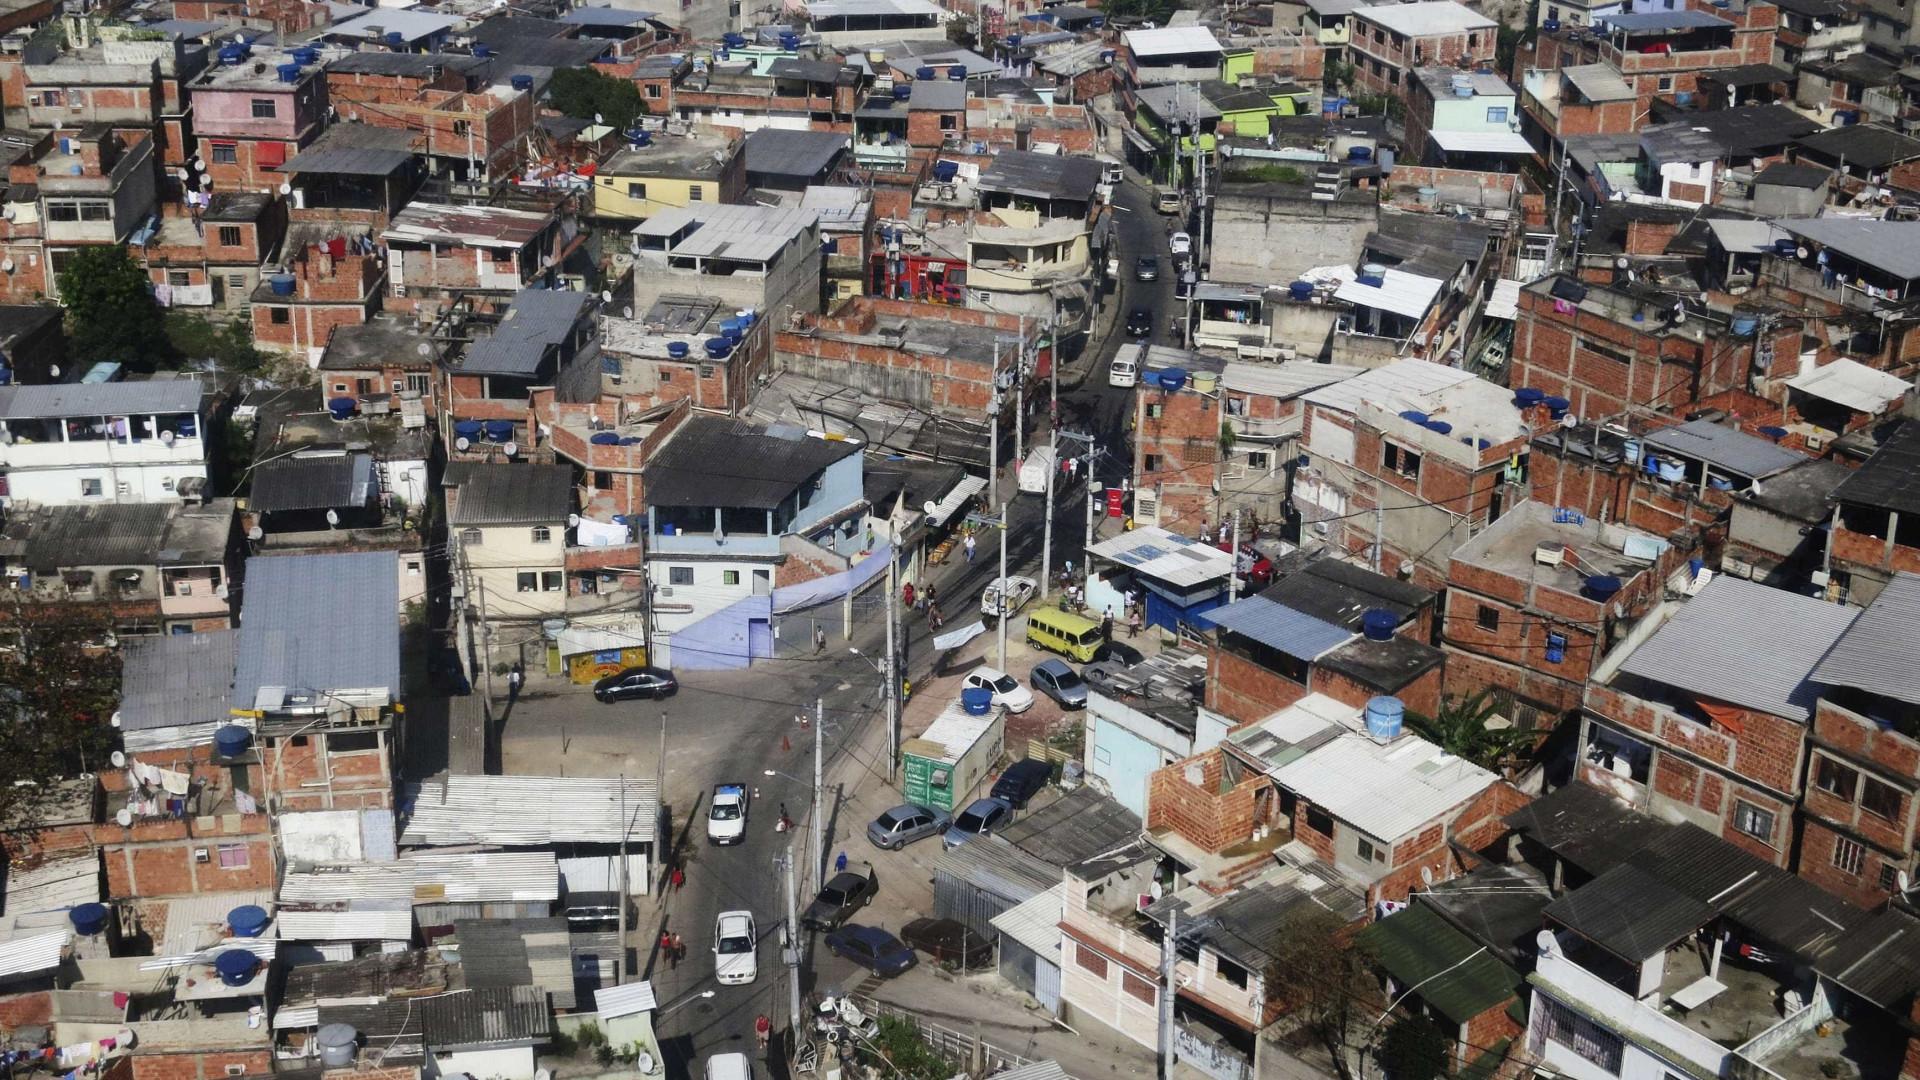 Venda de cocaína em favela carioca rende R$ 1 mi por semana ao CV